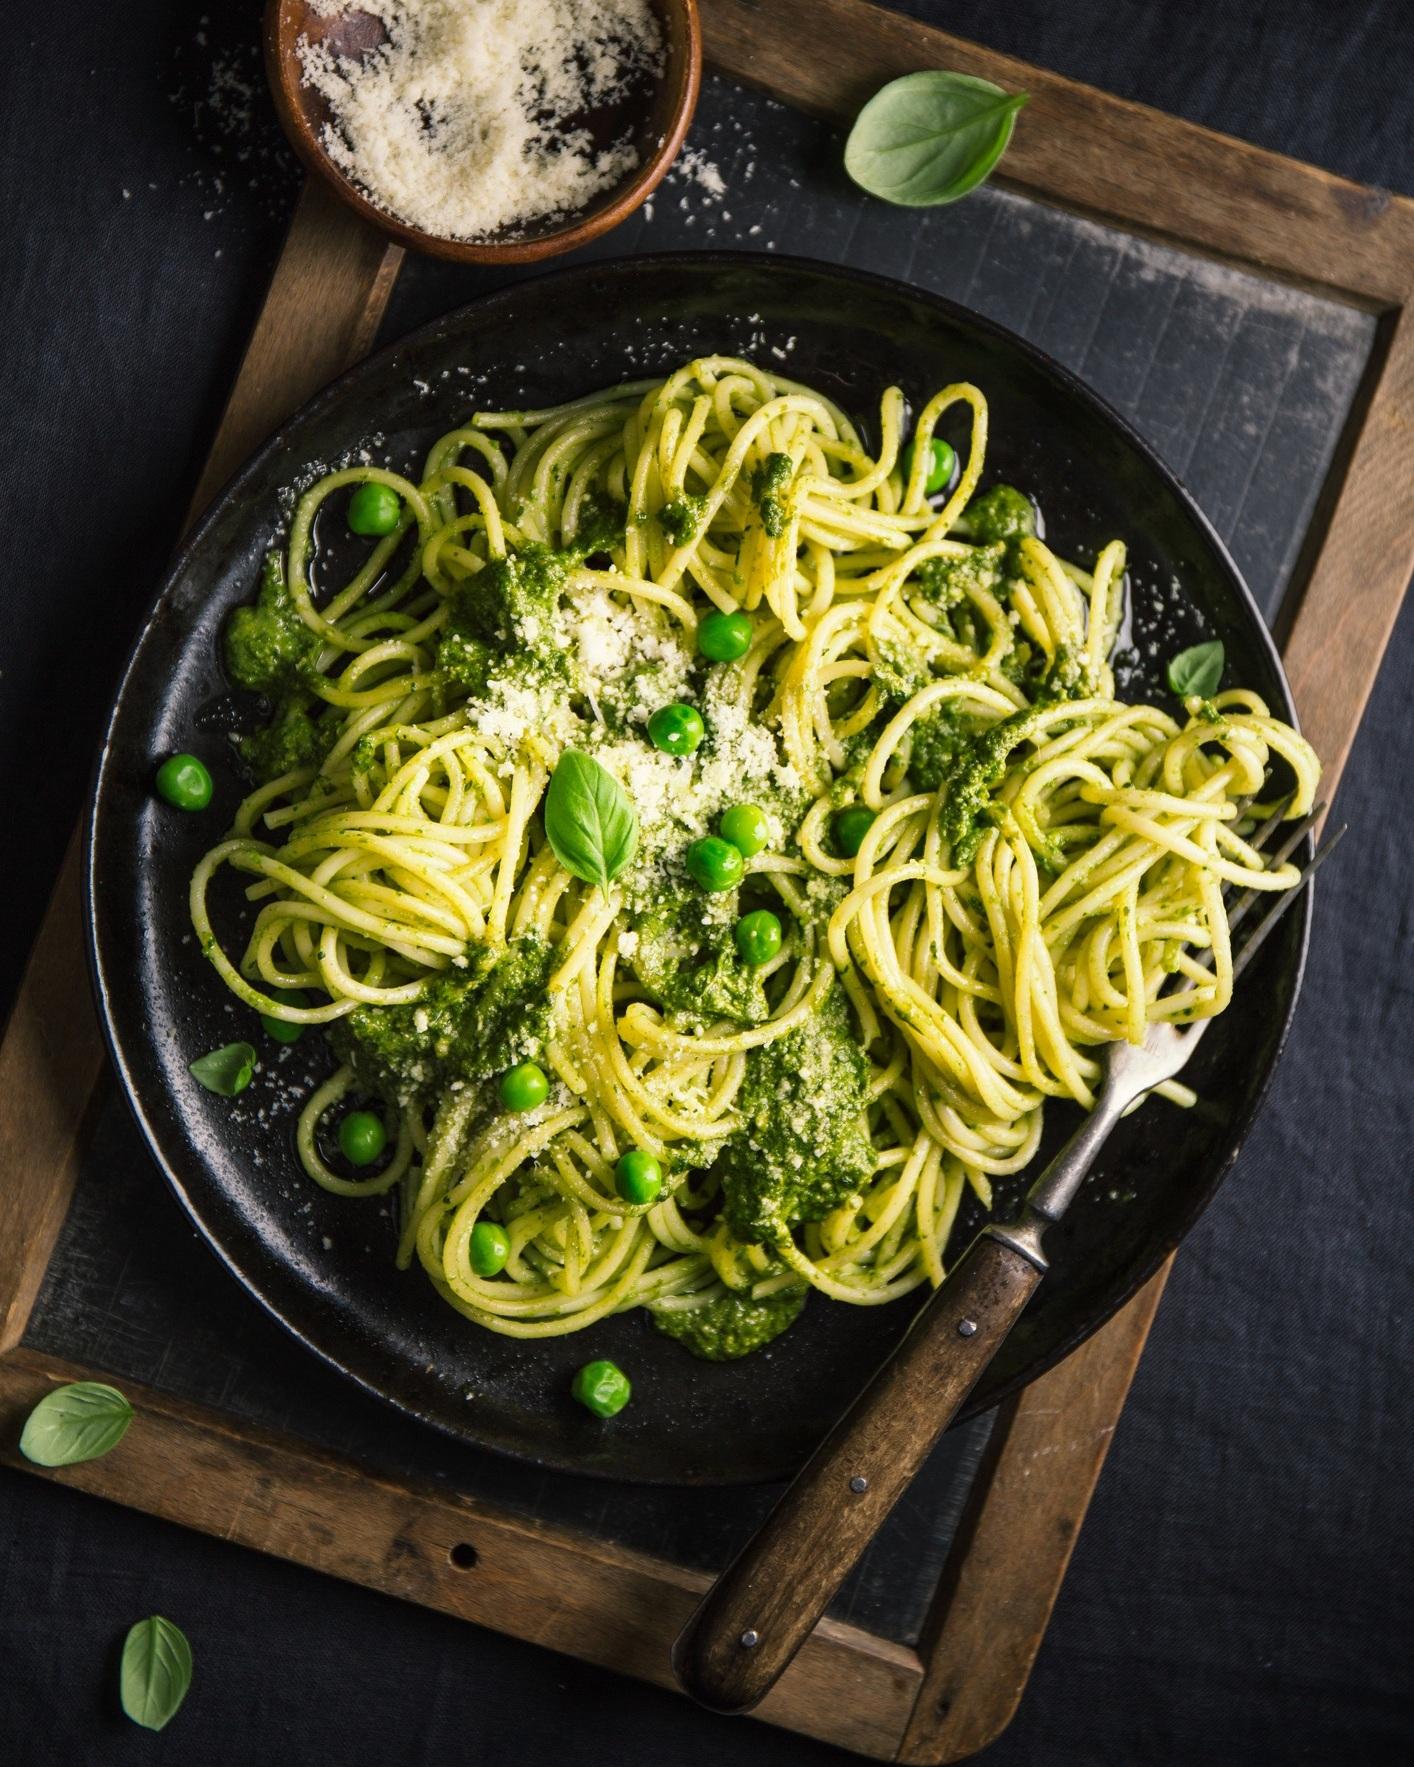 Dans votre pesto - Vous raffolez du pesto? Intégrer des asperges cuites à votre pesto permet d'augmenter le volume de cette délicieuse sauce tout en ajoutant une bonne dose de légumes à son assiette. Ajoutez tout simplement les asperges au dans le robot culinaire en même temps que tous les ingrédients habituels du pesto. Servez le tout sur de délicieuses pâtes fraîches.